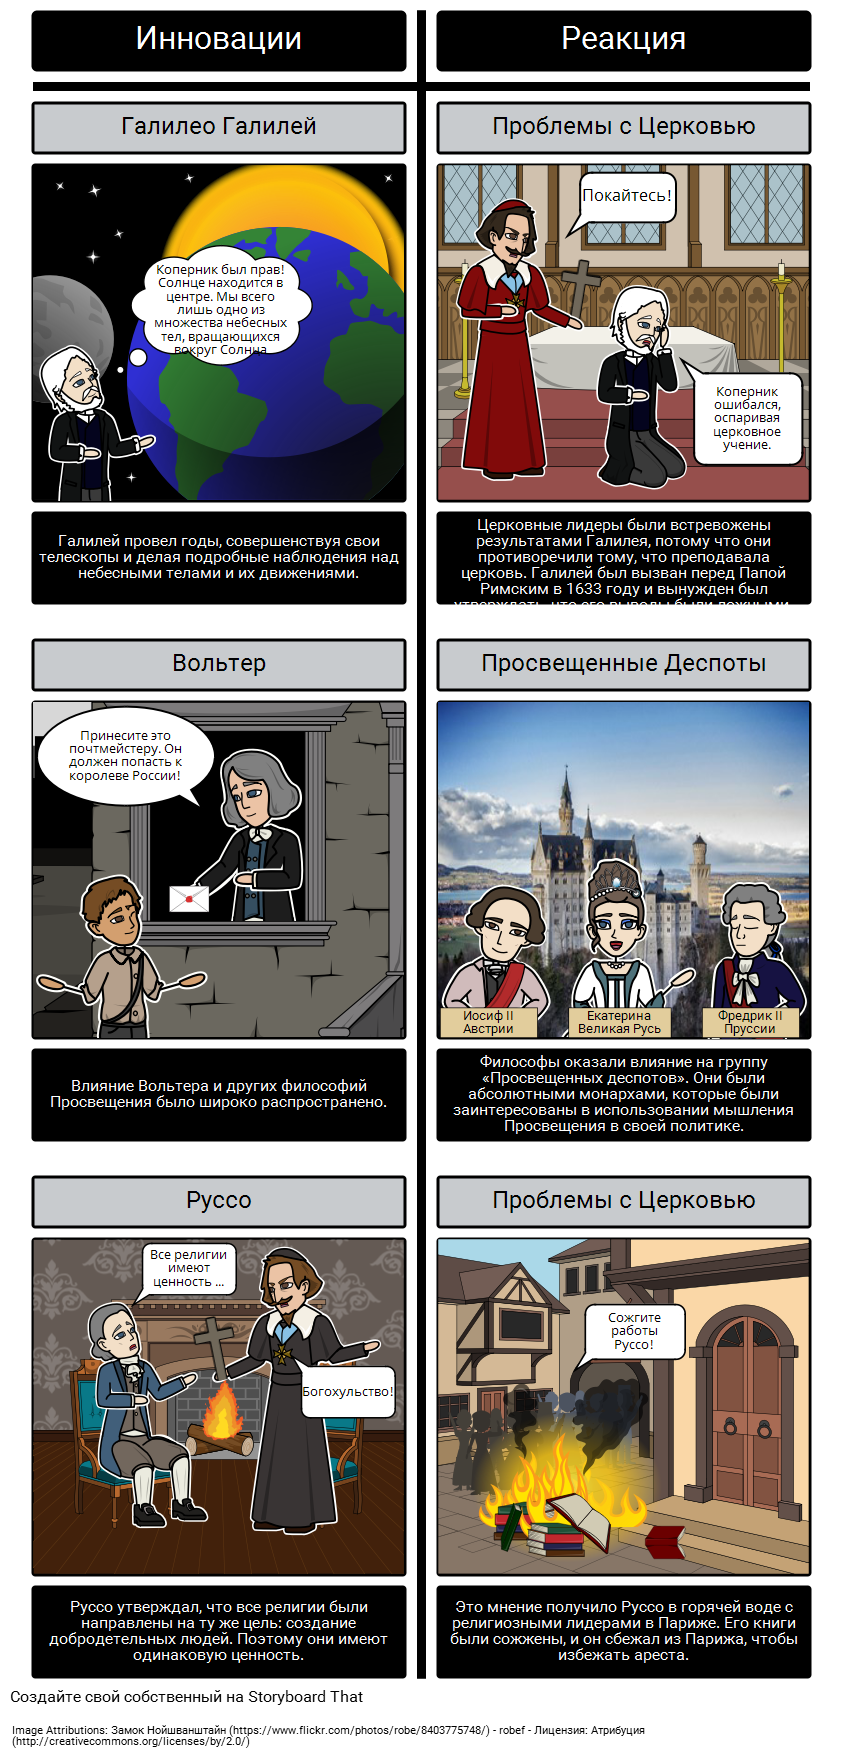 Научная Революция и Просвещение: Реакции